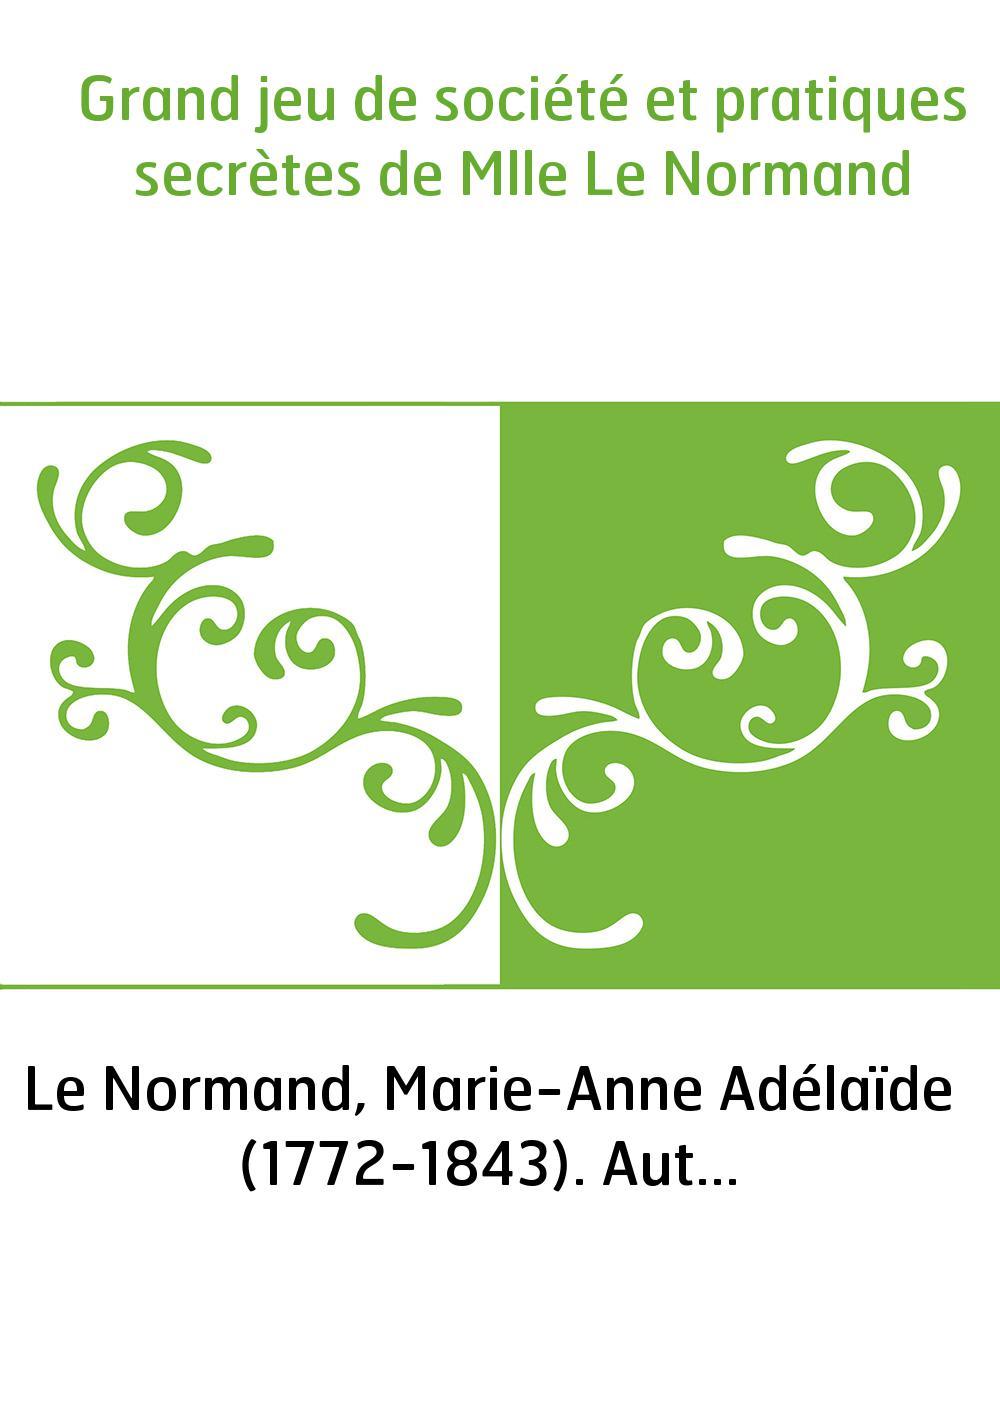 Grand jeu de société et pratiques secrètes de Mlle Le Normand